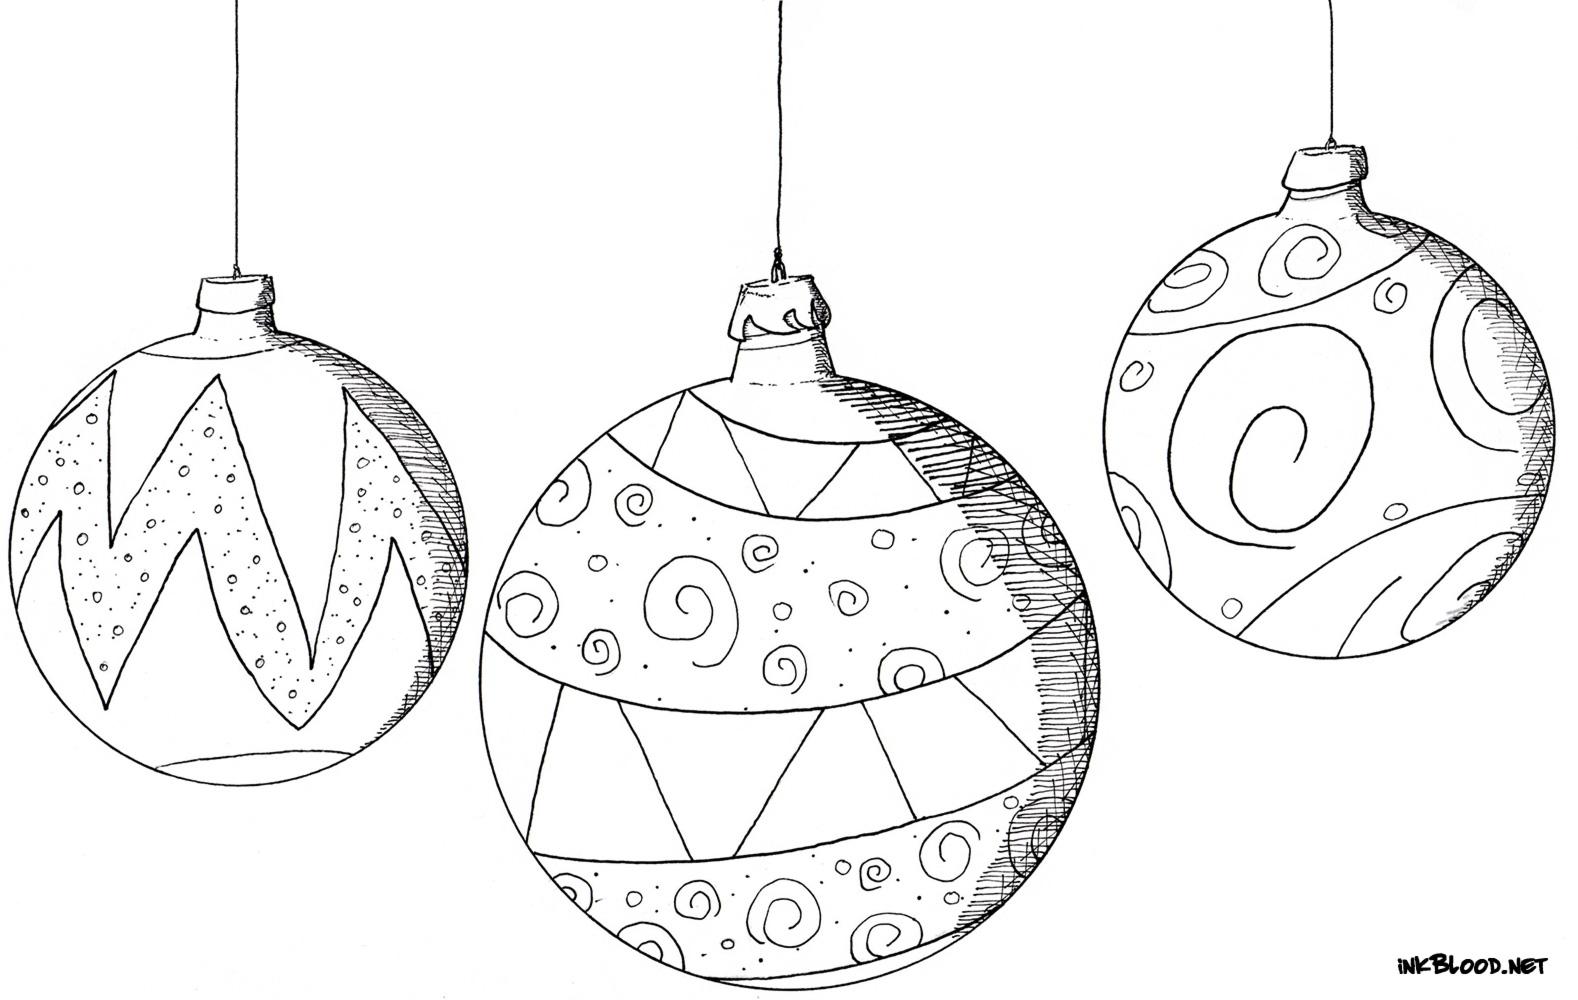 13-Dessin-de-Noël-à-colorier-boules-de-noël-sapin